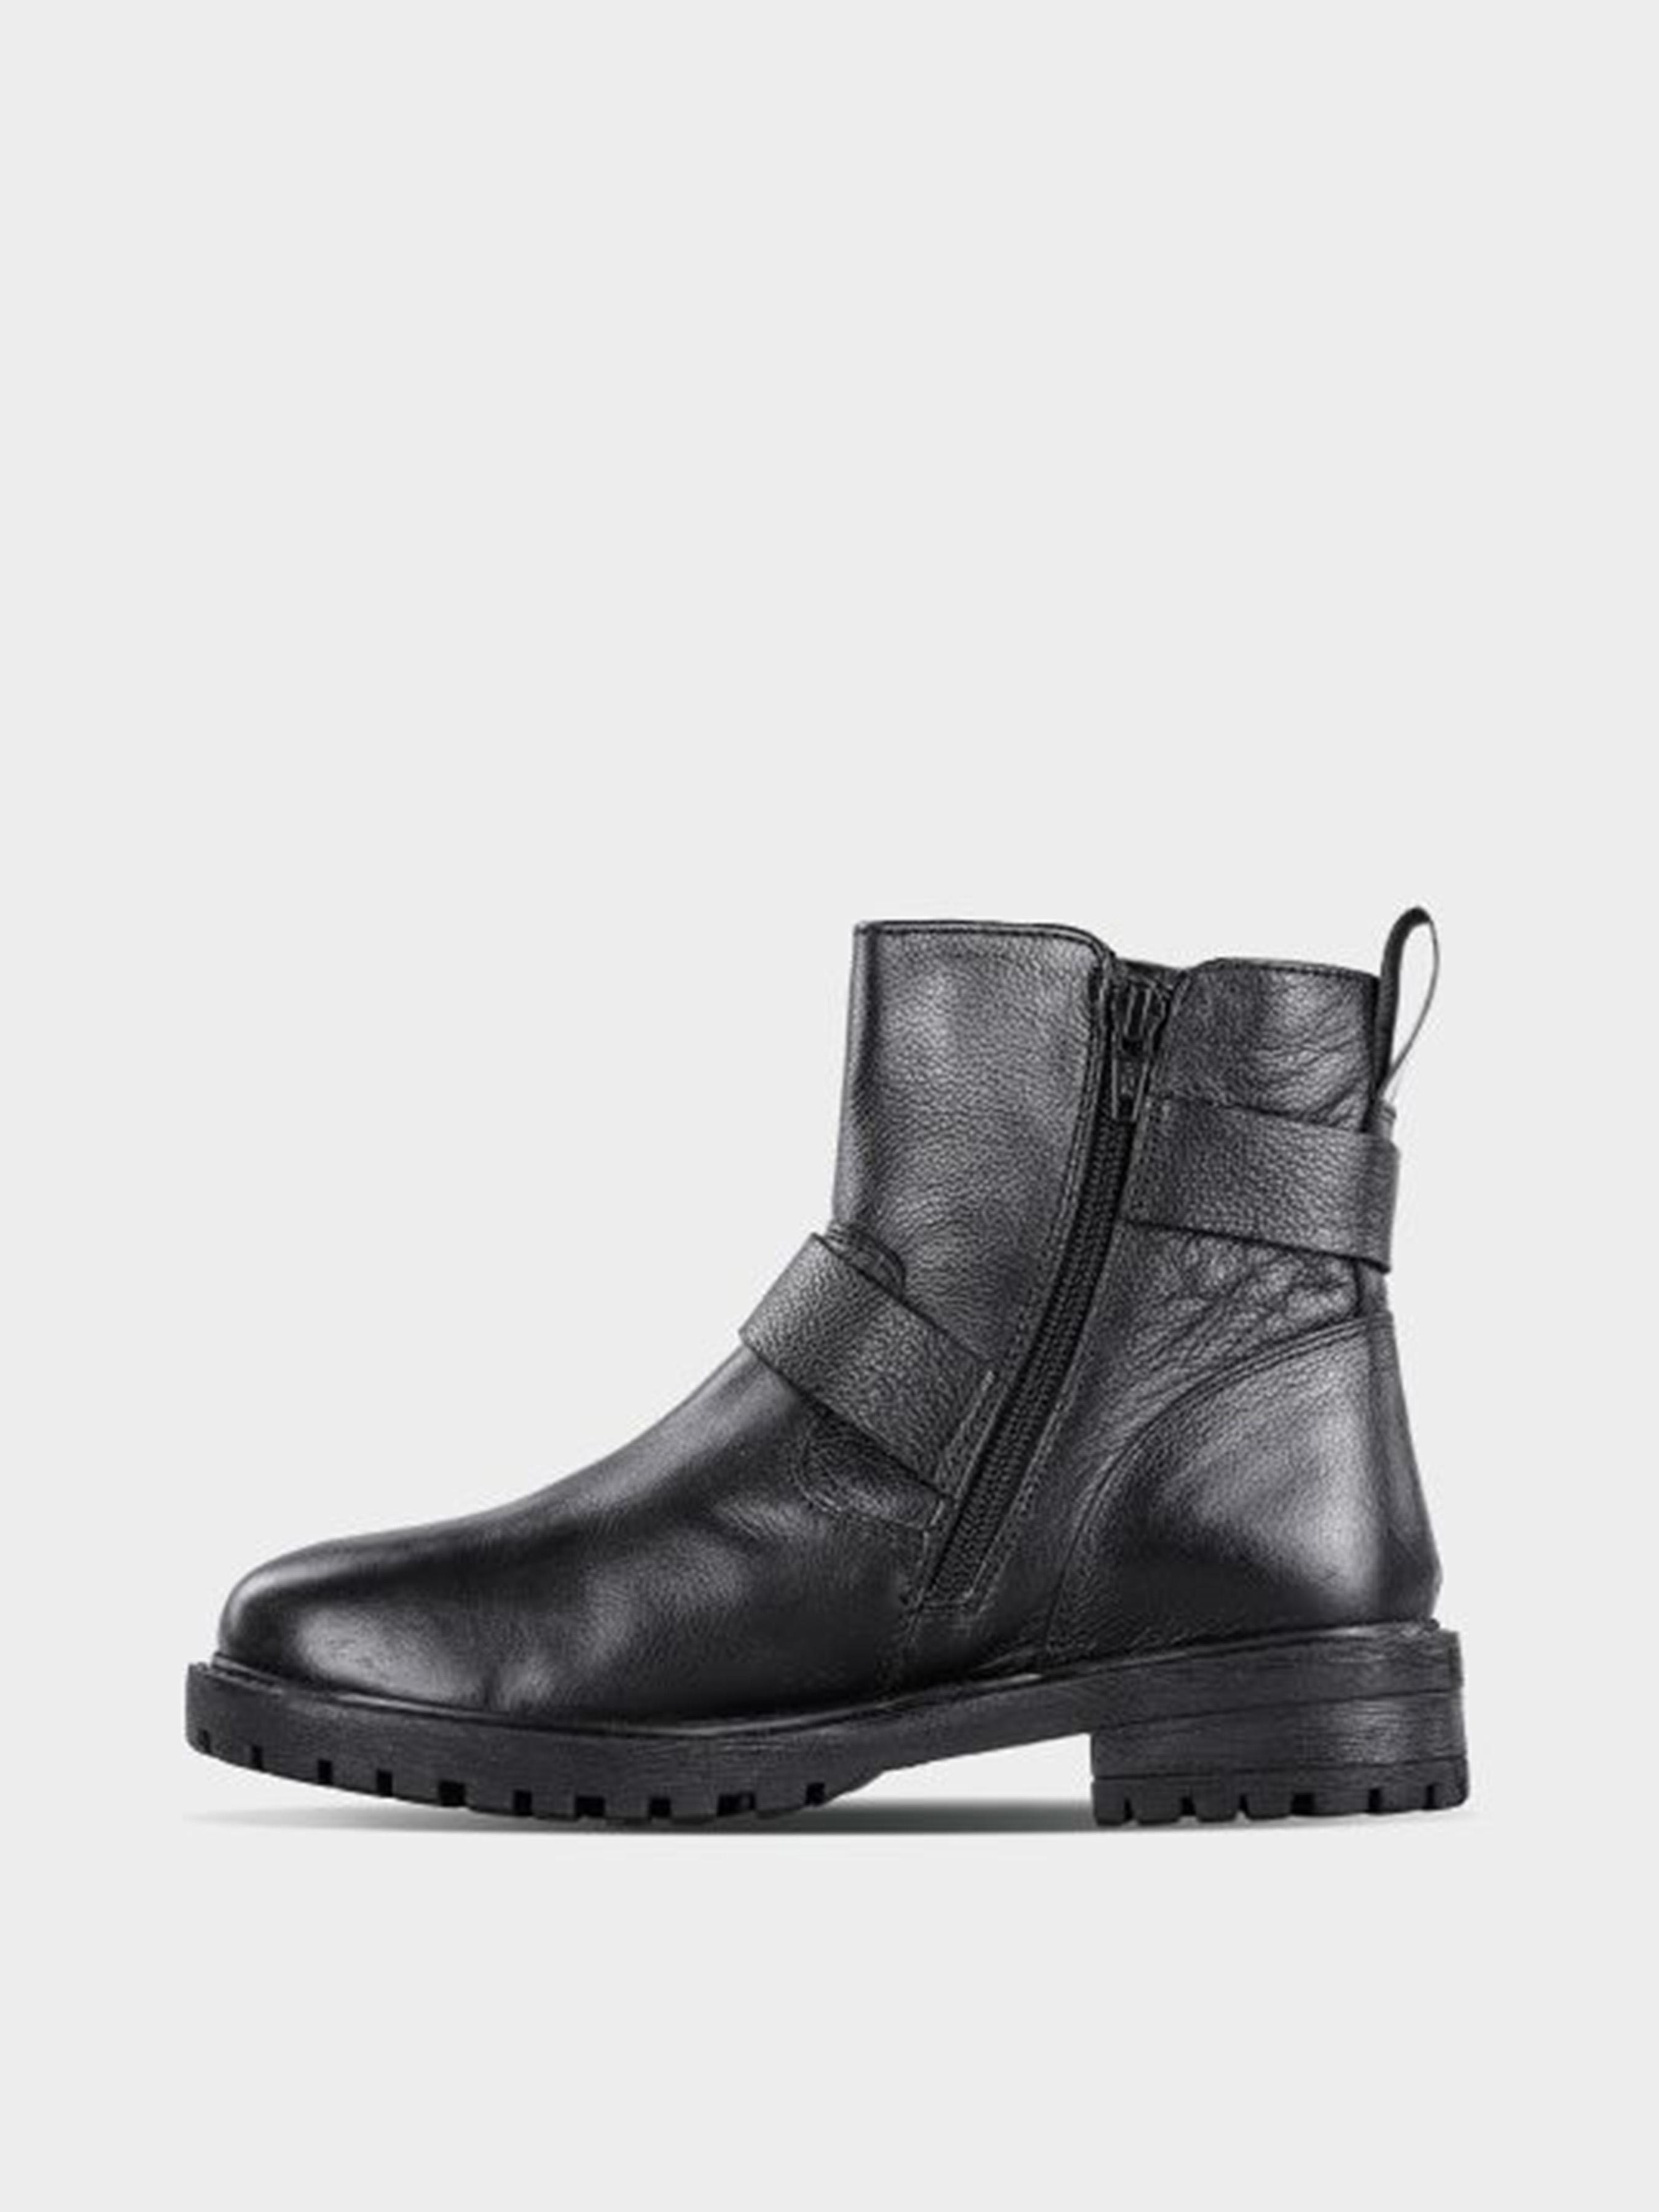 Ботинки для женщин Braska BS3173 размерная сетка обуви, 2017